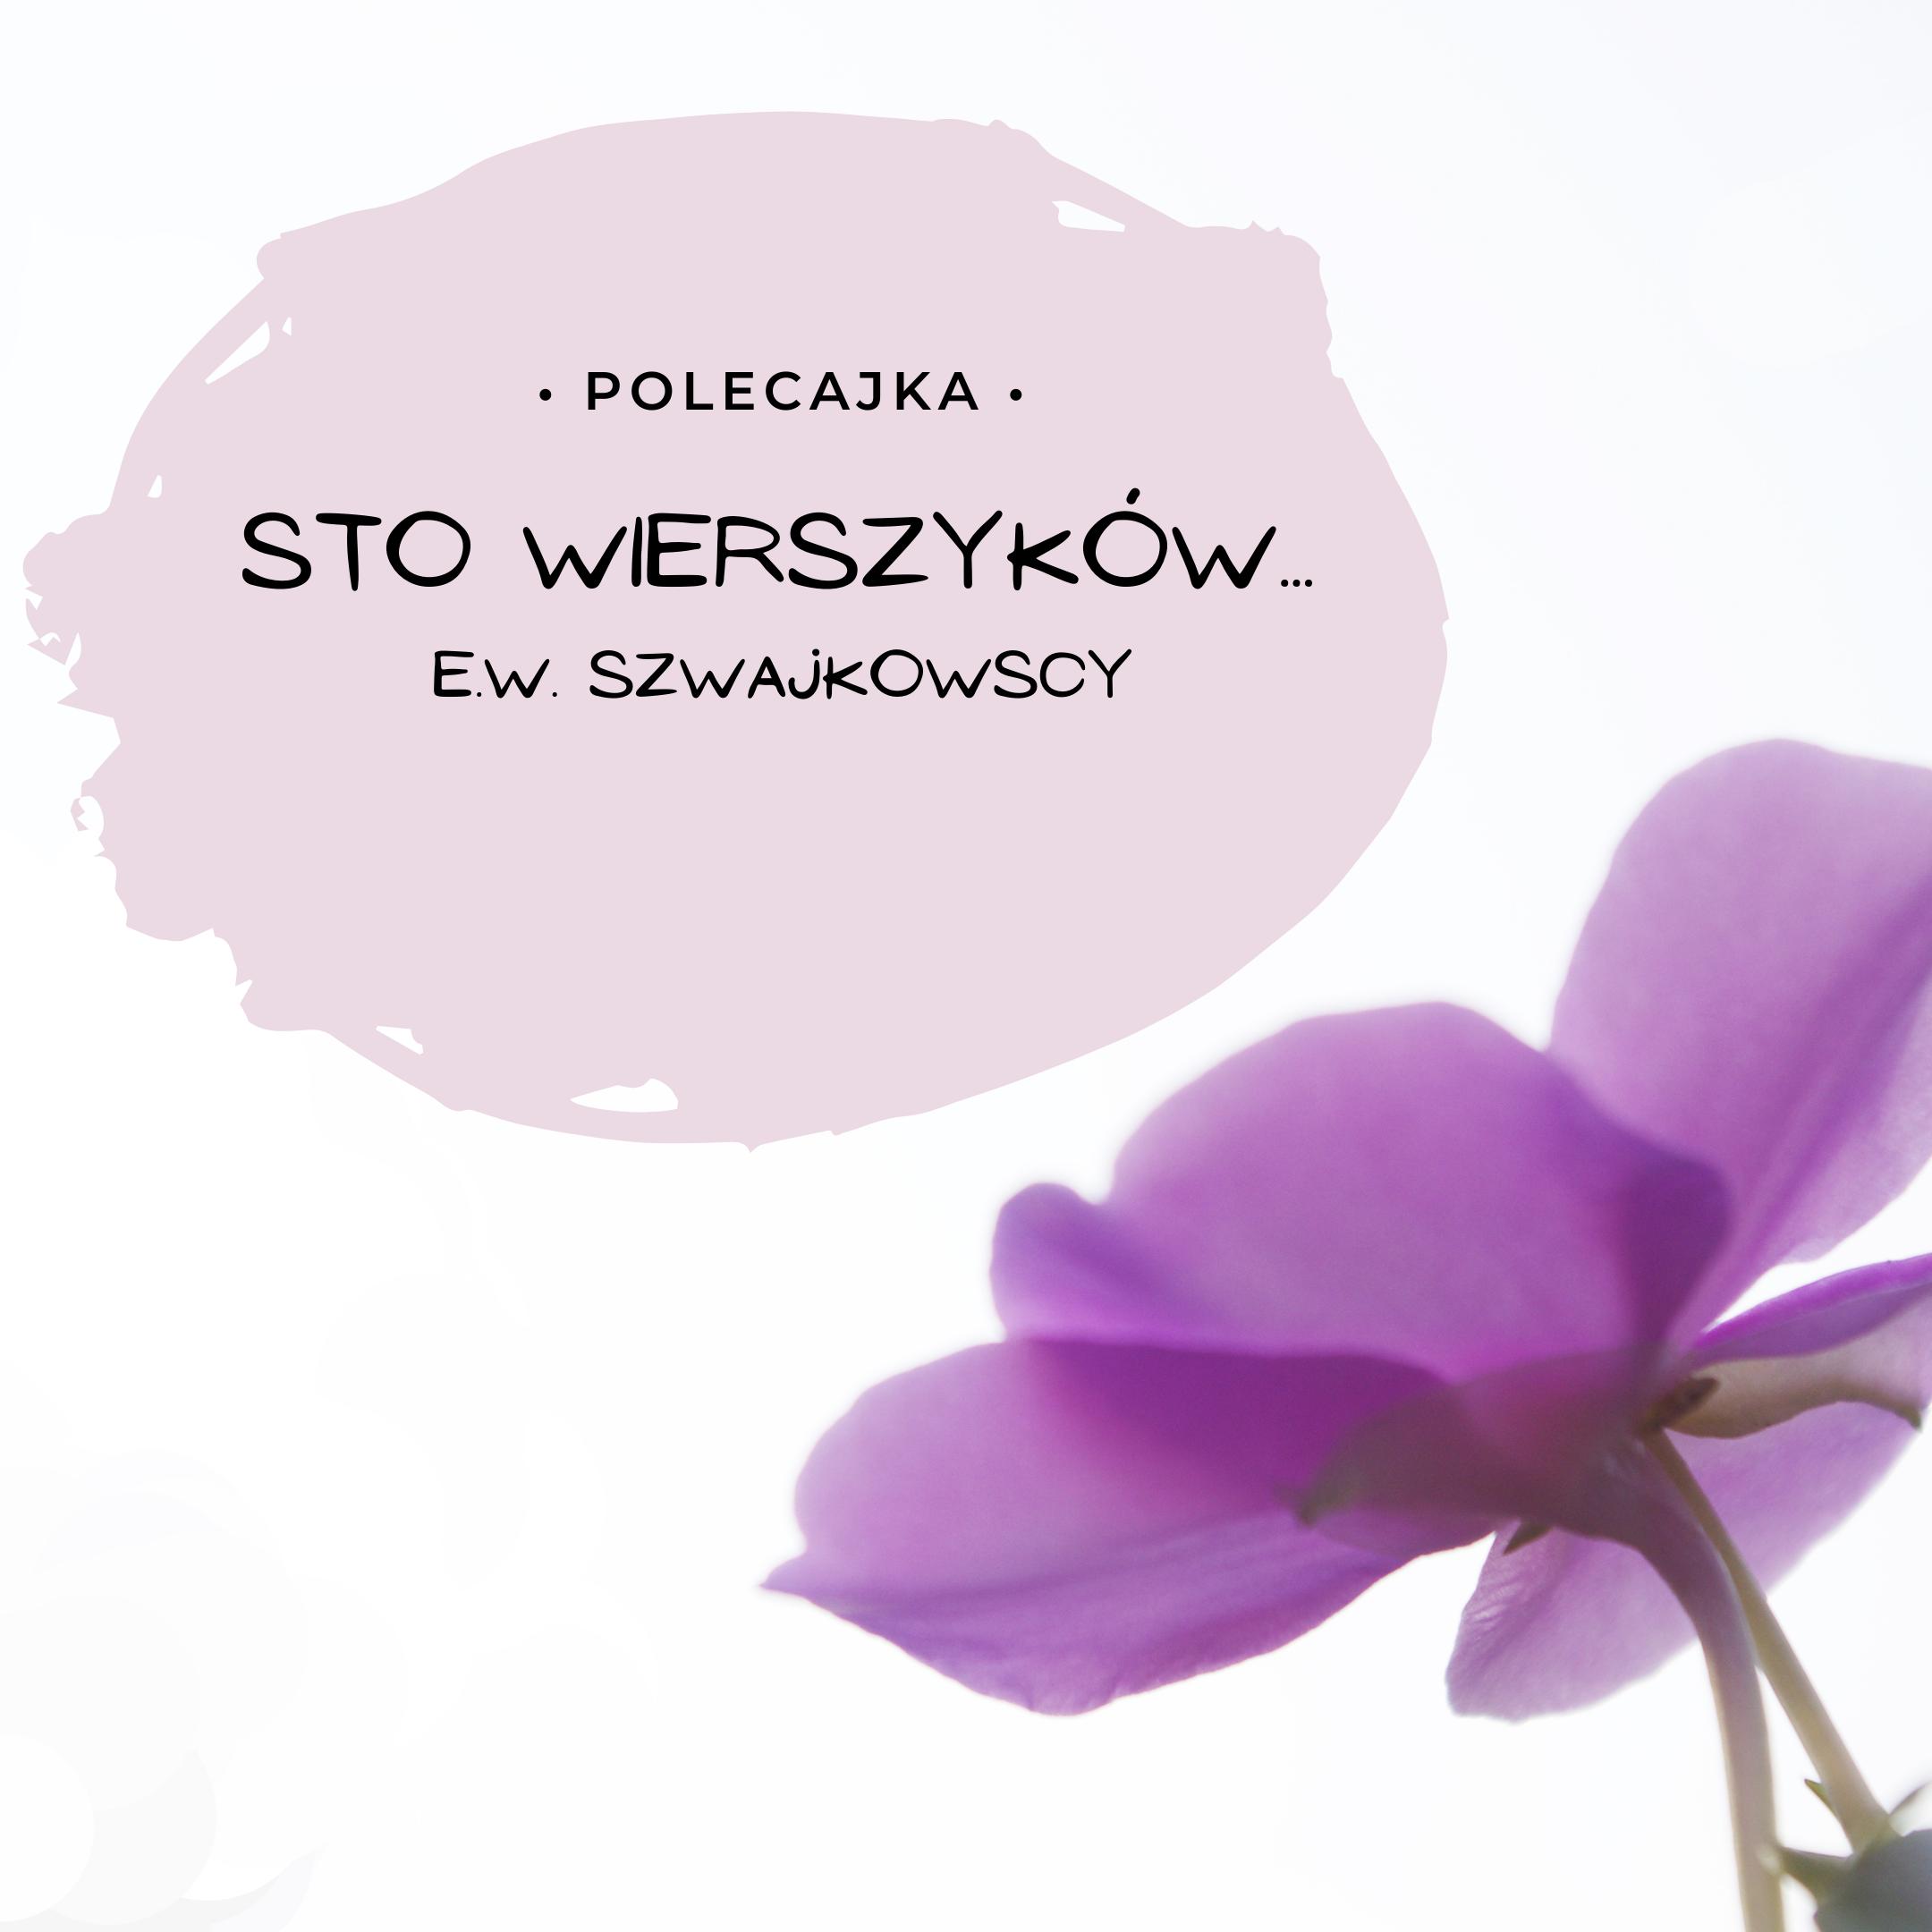 Sto wierszyków … tysiące możliwości od E.W. Szwajkowskich